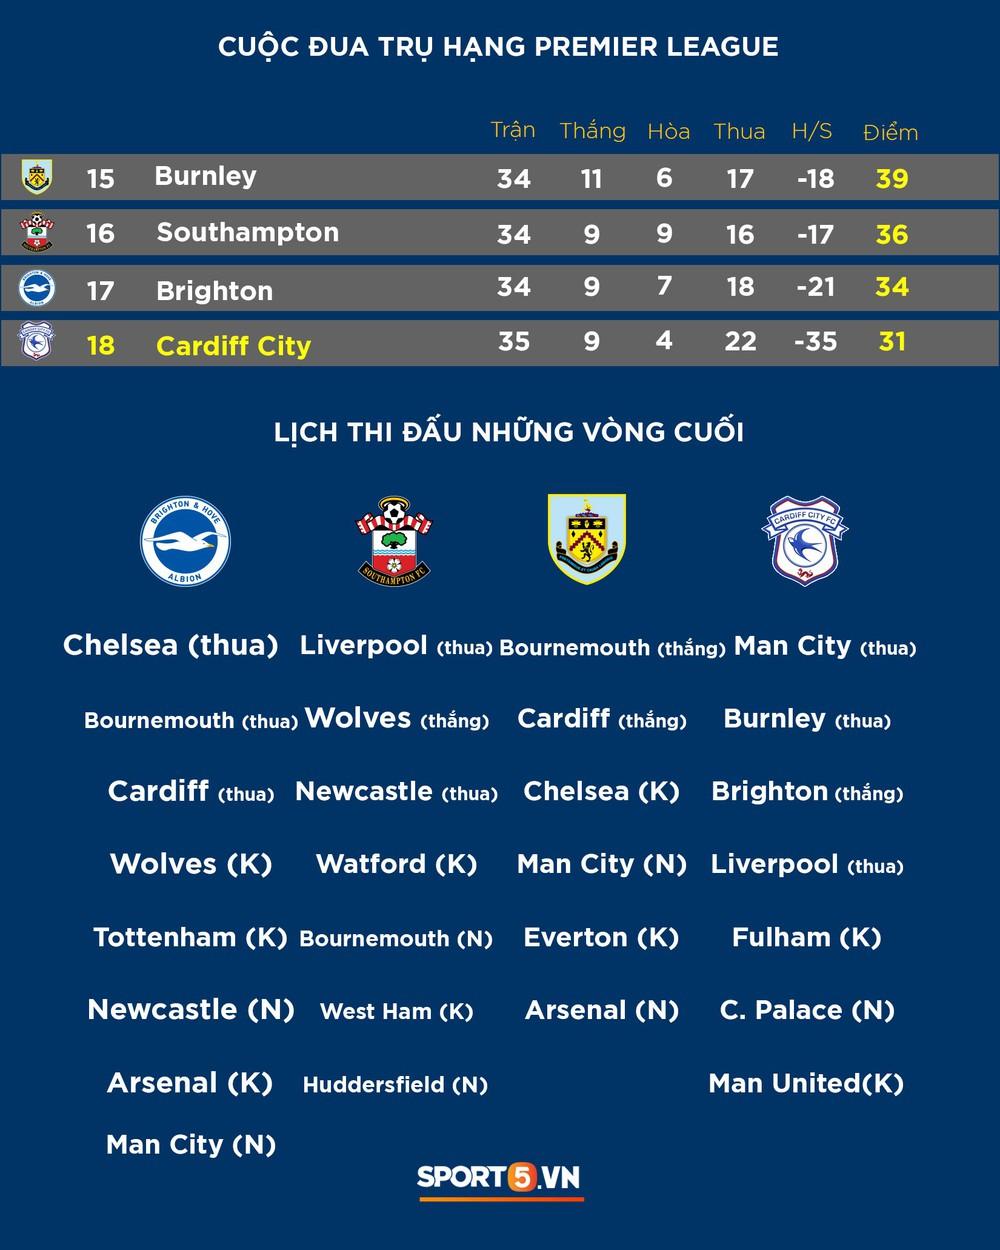 Cập nhật: Bảng xếp hạng cuộc đua vô địch và tranh top 4 khốc liệt ở giải Ngoại hạng Anh - Ảnh 3.